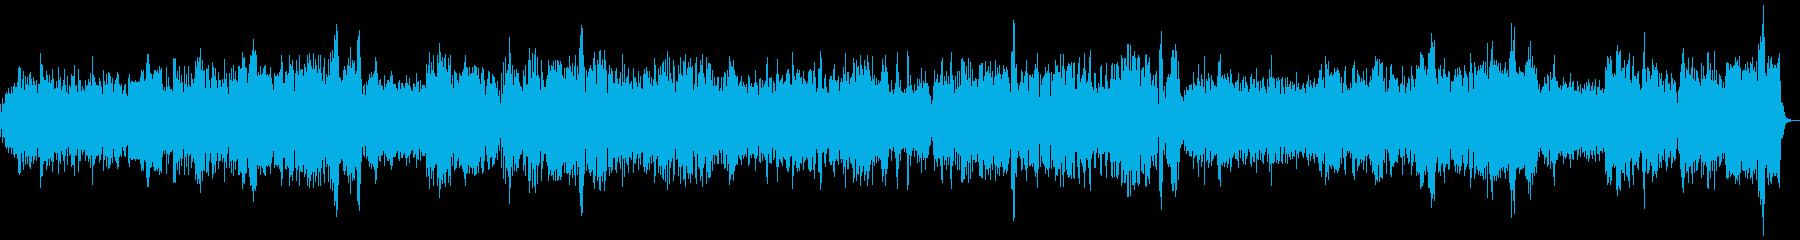 バッハ クラシック パイプオルガンRevの再生済みの波形